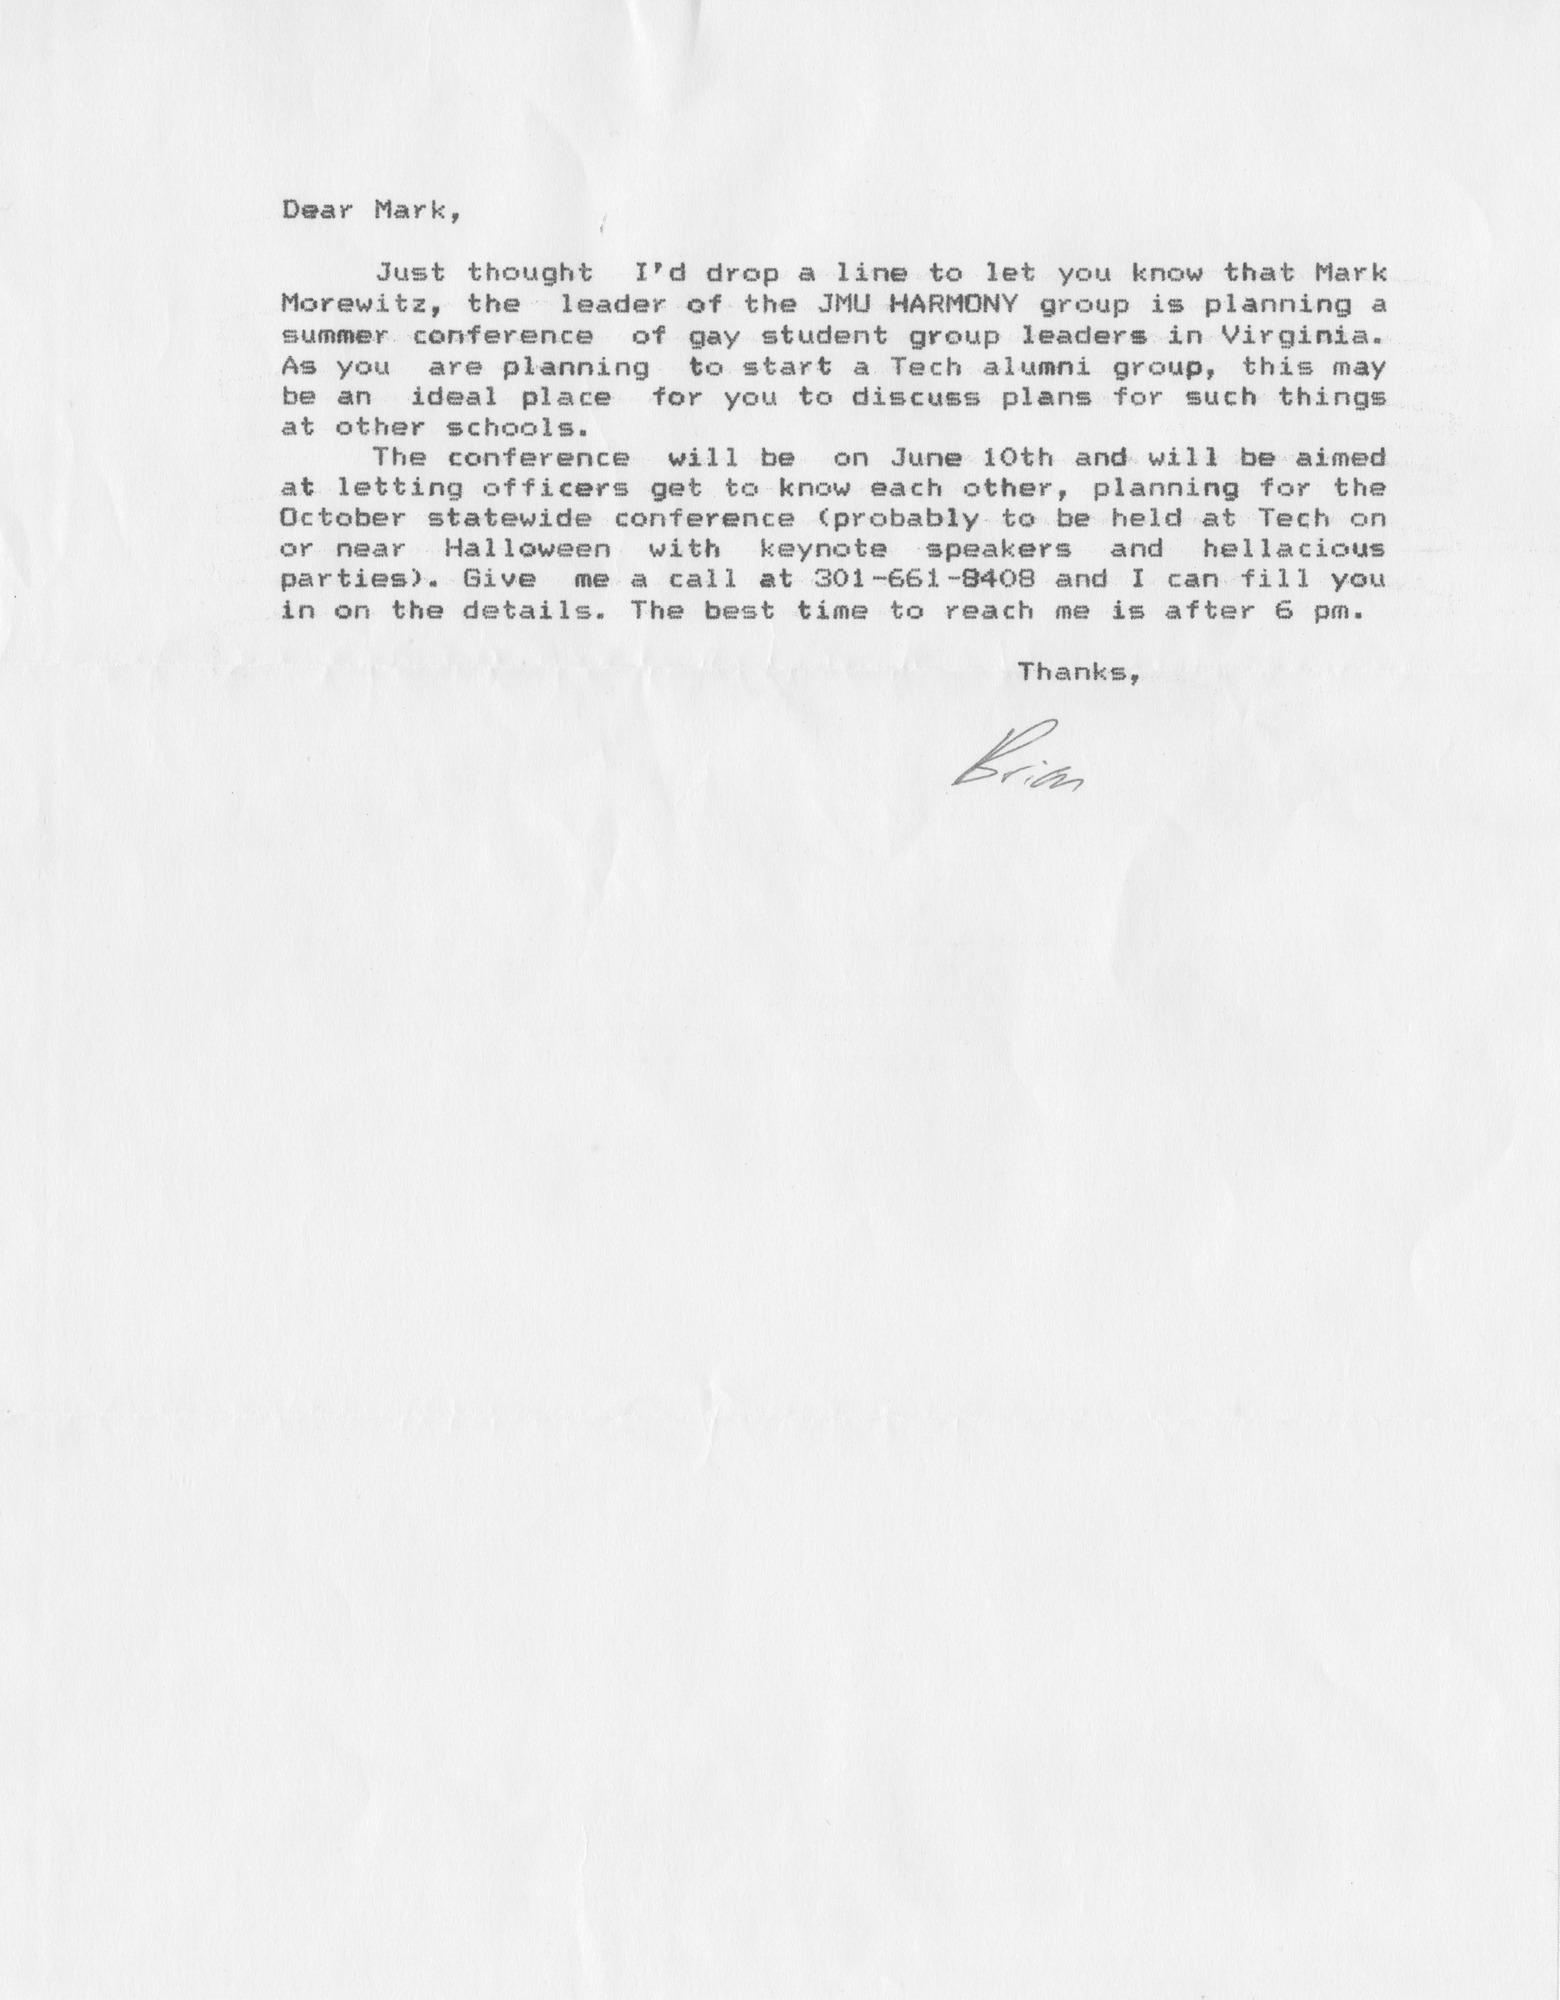 Ms2014-010_WeberMark_LetterBrianMcConnell_1989_0526.jpg